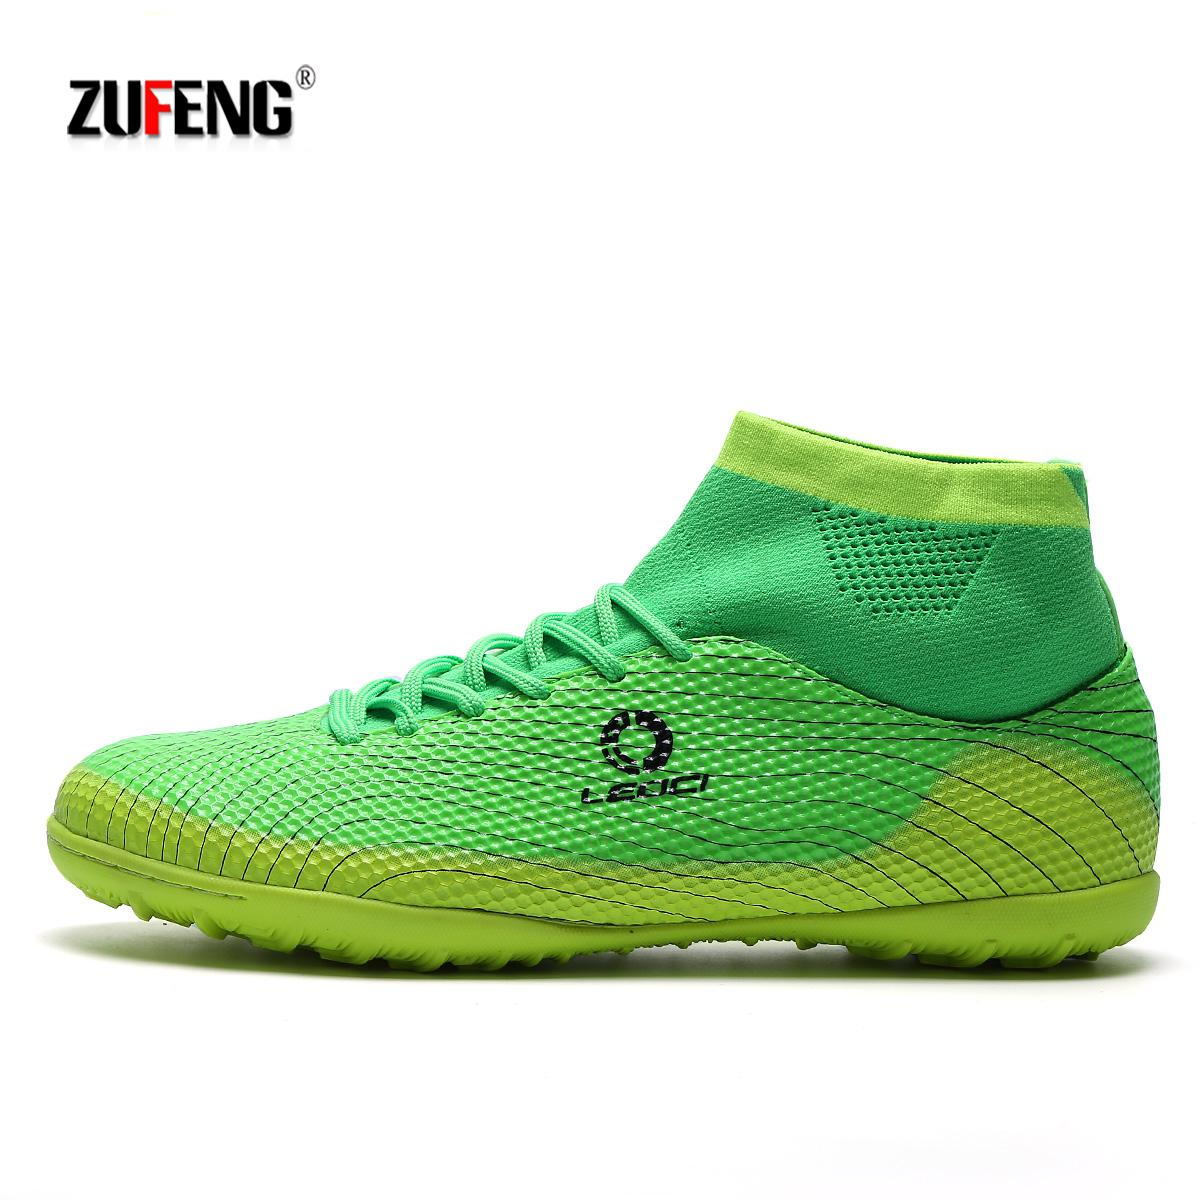 Wysoka kostka buty piłkarskie dla mężczyzn TF/FG/AG długie kolce buty piłkarskie treningowe wytrzymałe buty piłka nożna dla dzieci buty piłkarskie